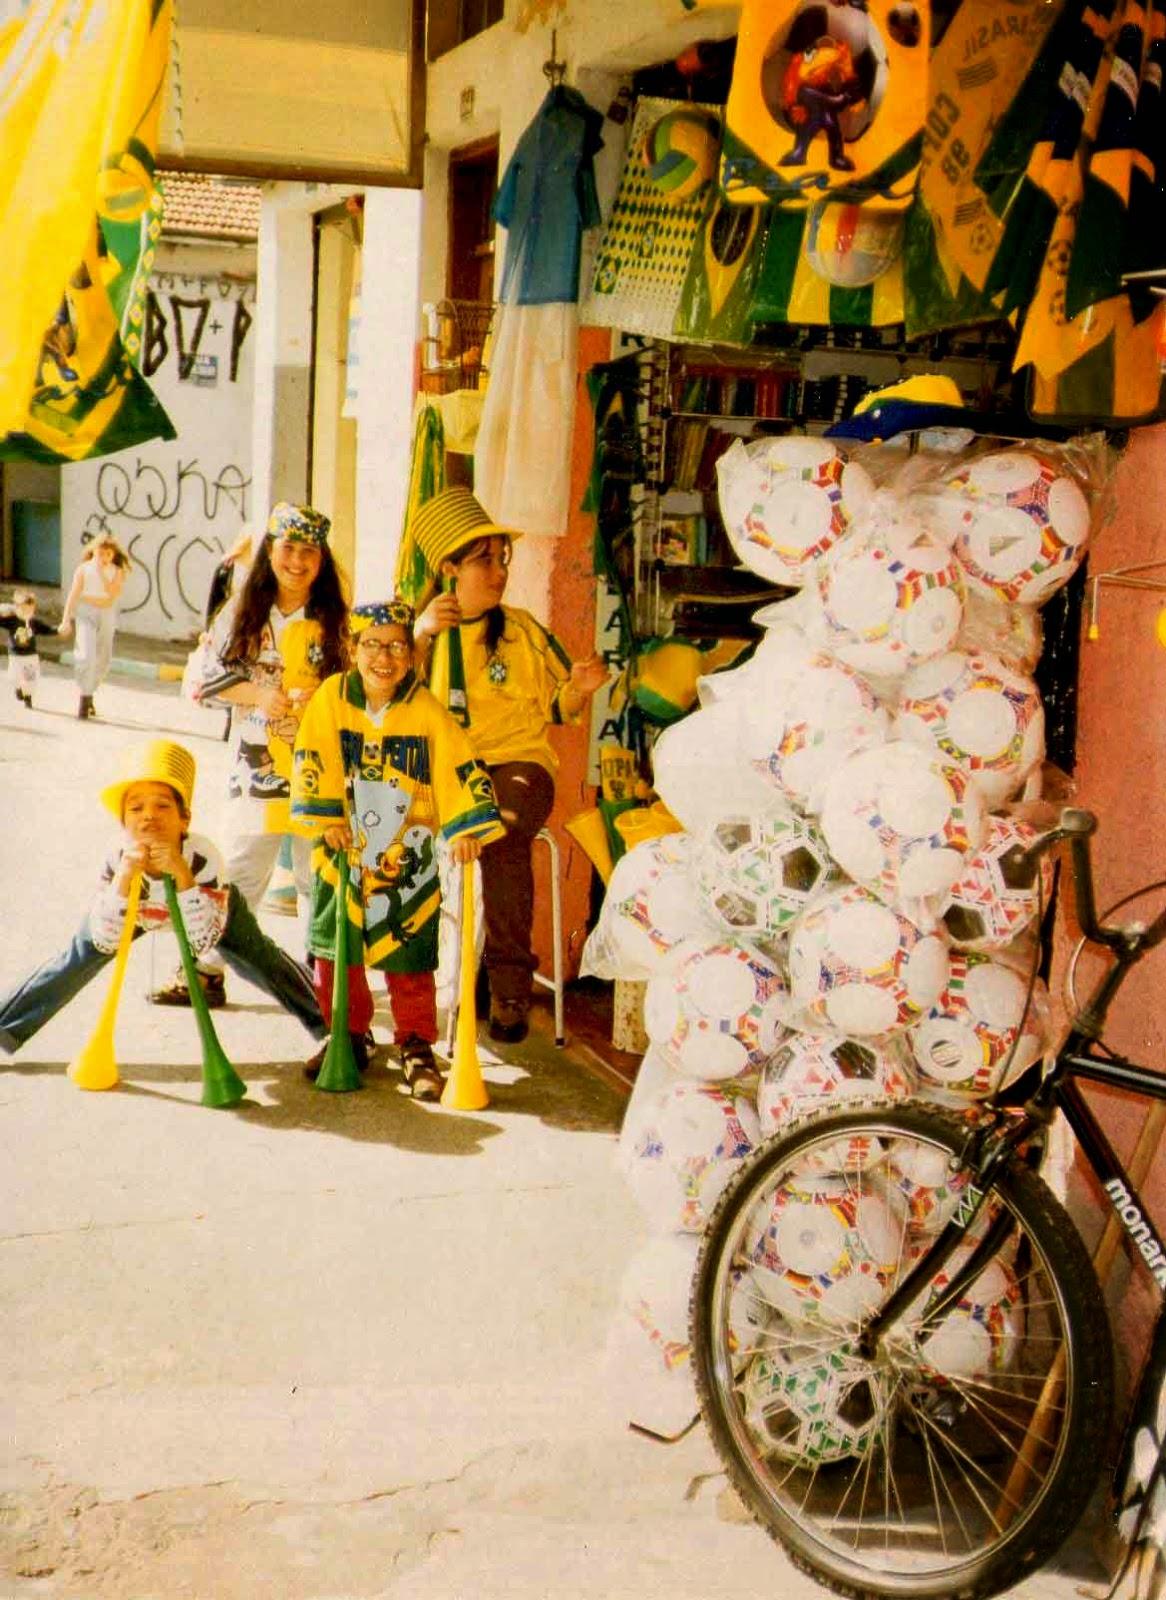 Vila Santa Isabel, Zona Leste de São Paulo, bairros de São Paulo, história de São Paulo, futebol de várzea, Copa do Mundo, Vila Formosa, Vila Carrão